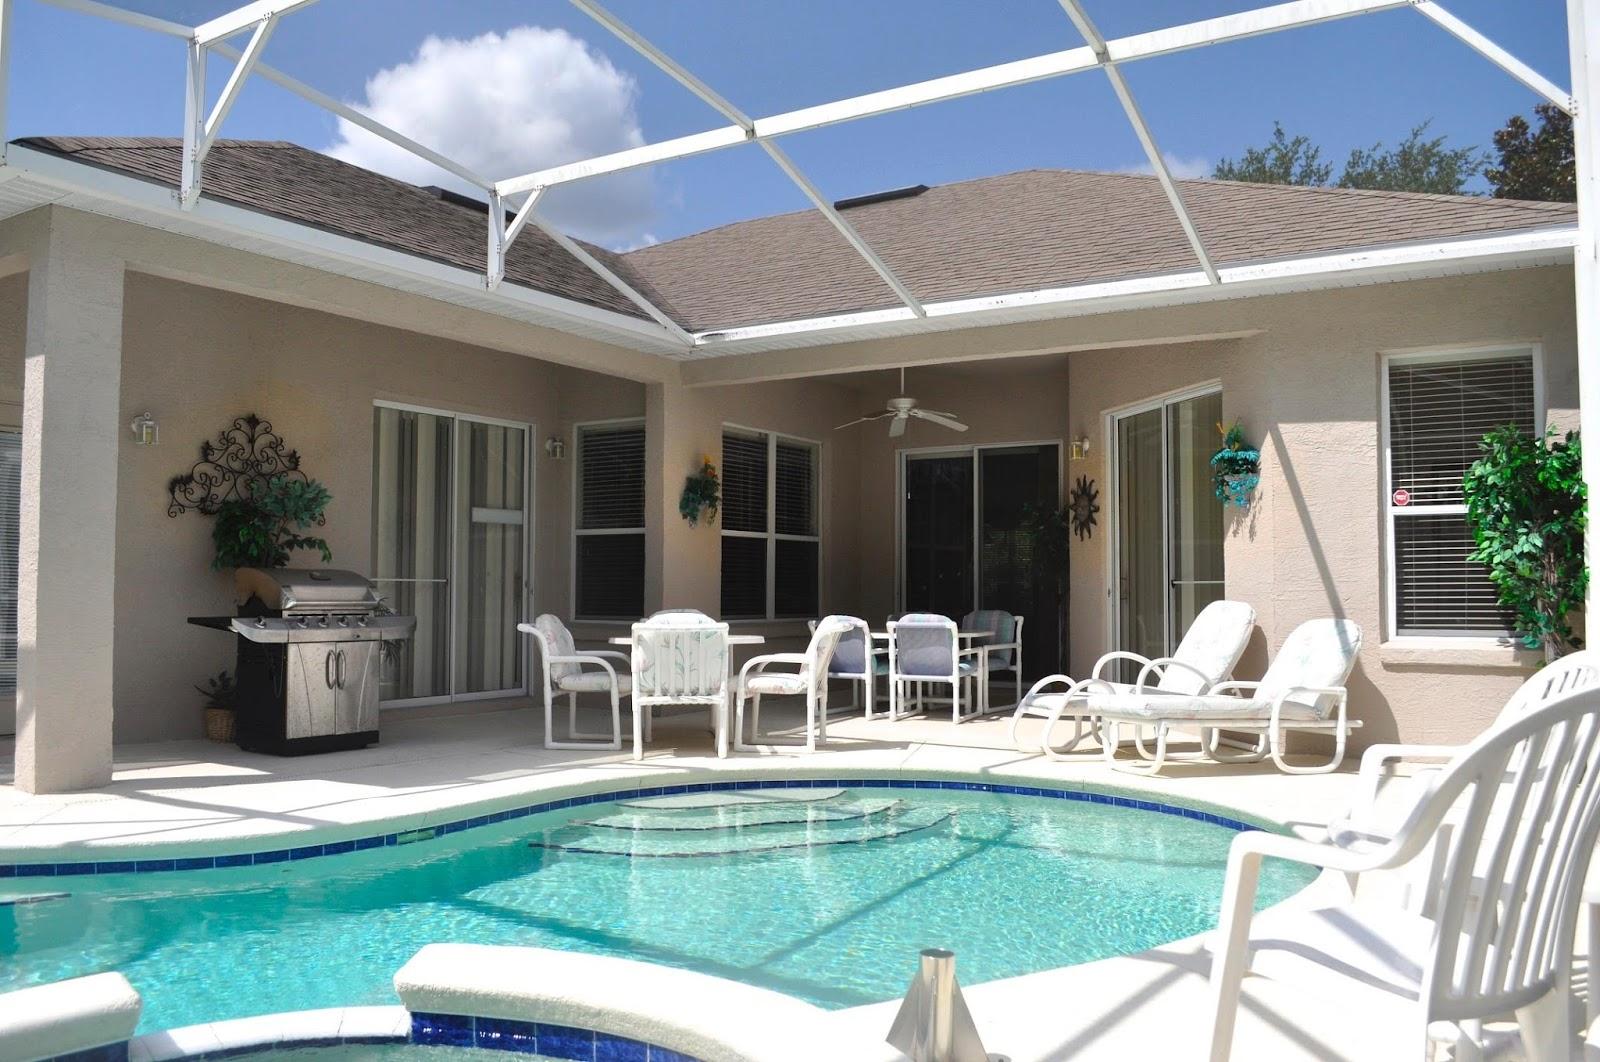 venda de casa em Orlando